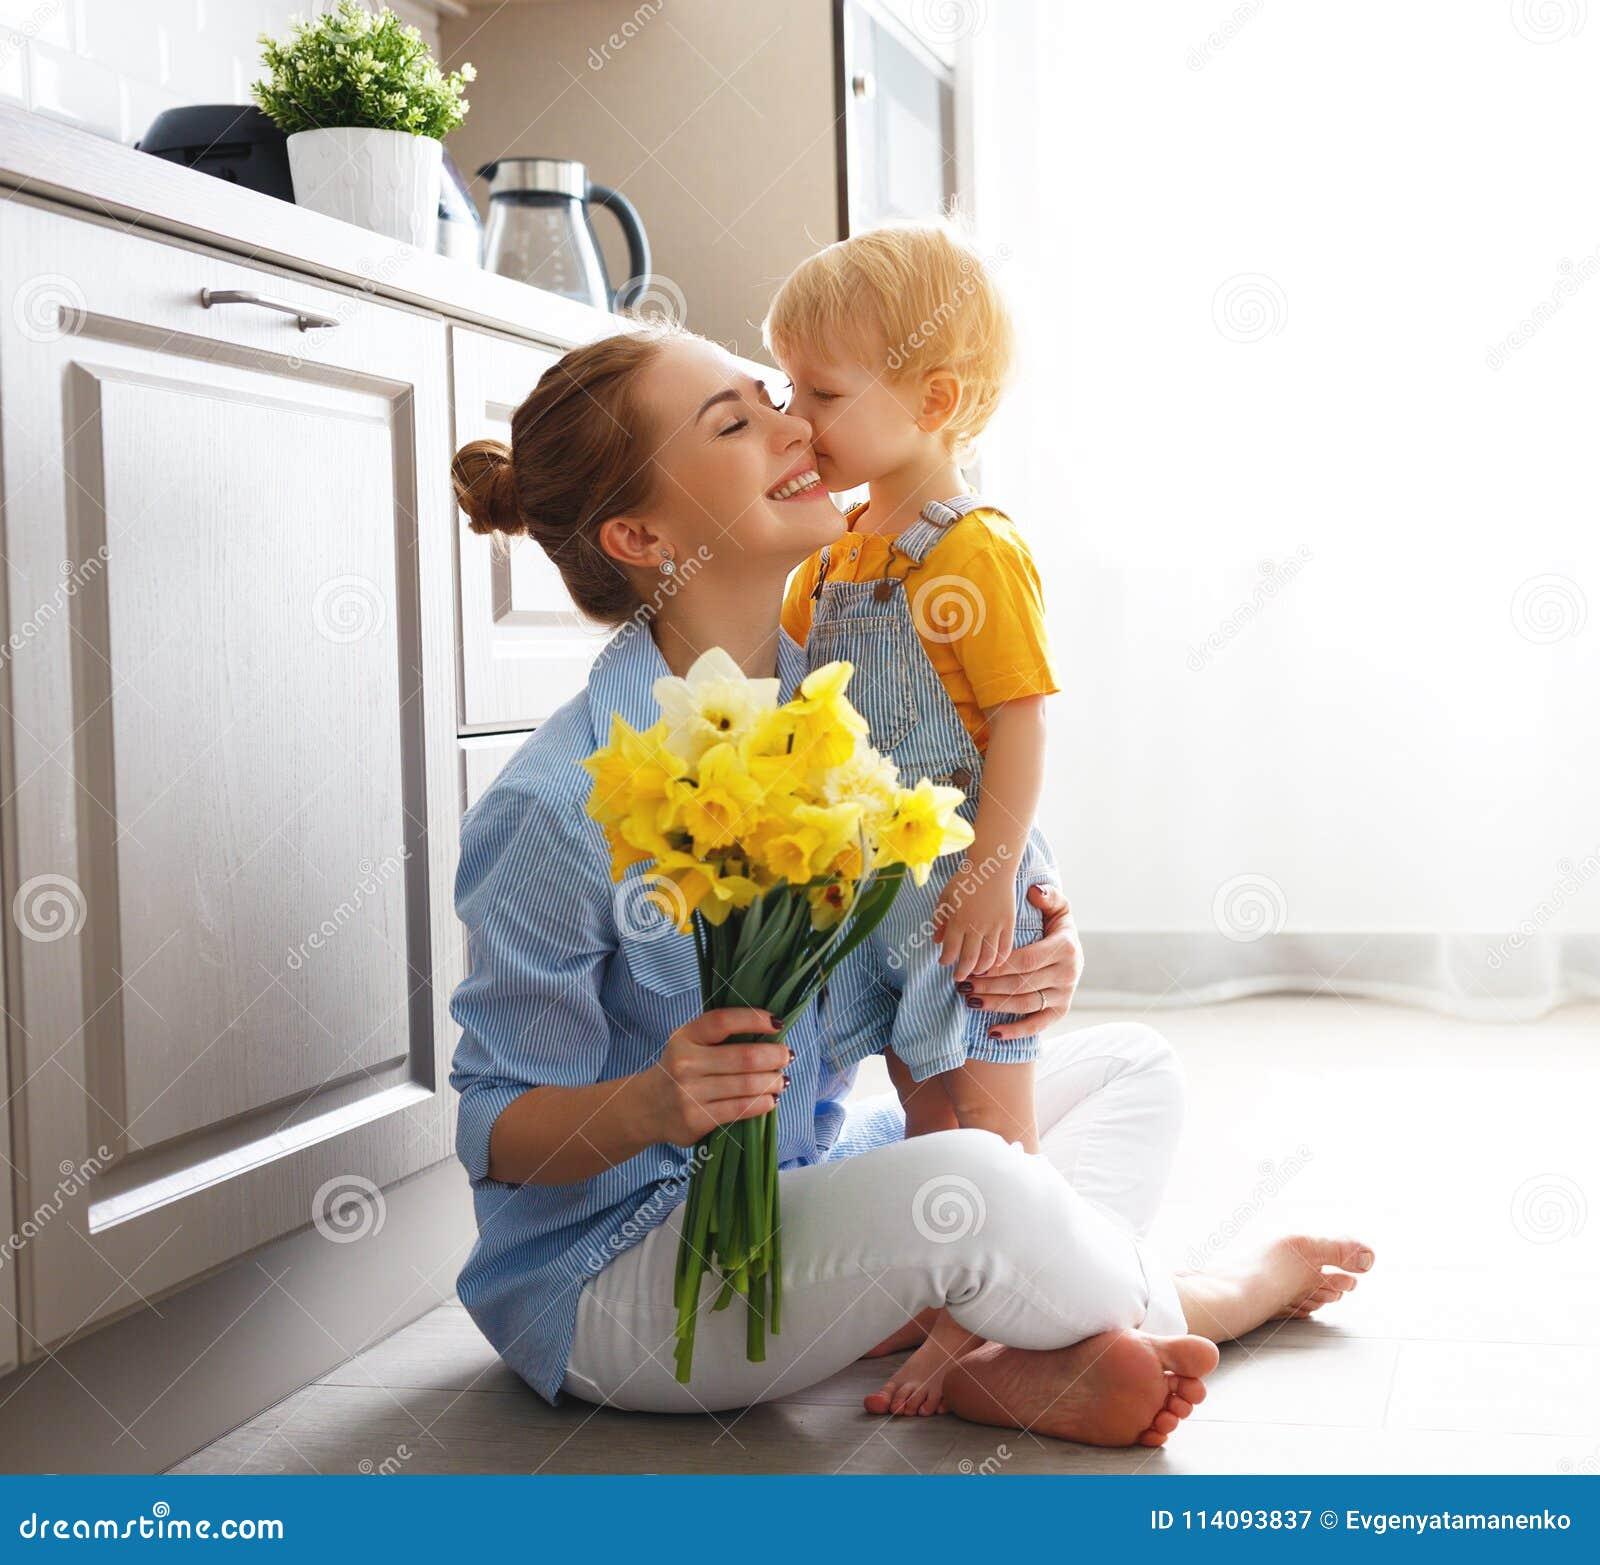 Gelukkige moeder` s dag! de babyzoon geeft flowersformoeder op vakantie